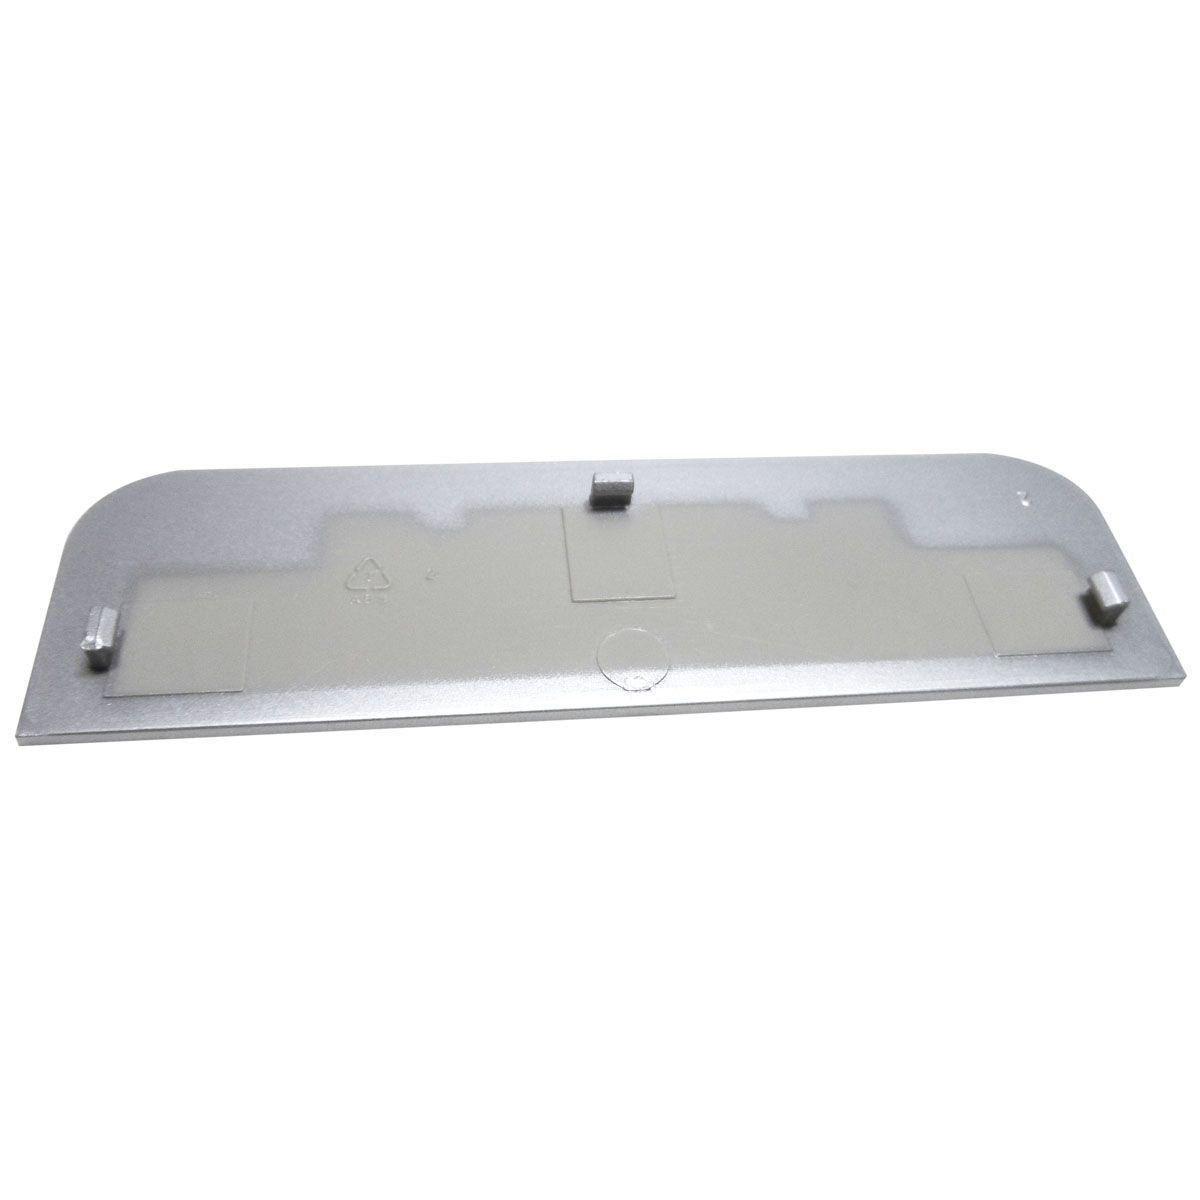 Arremate Externo Dispenser Refrigerador Electrolux 67492719